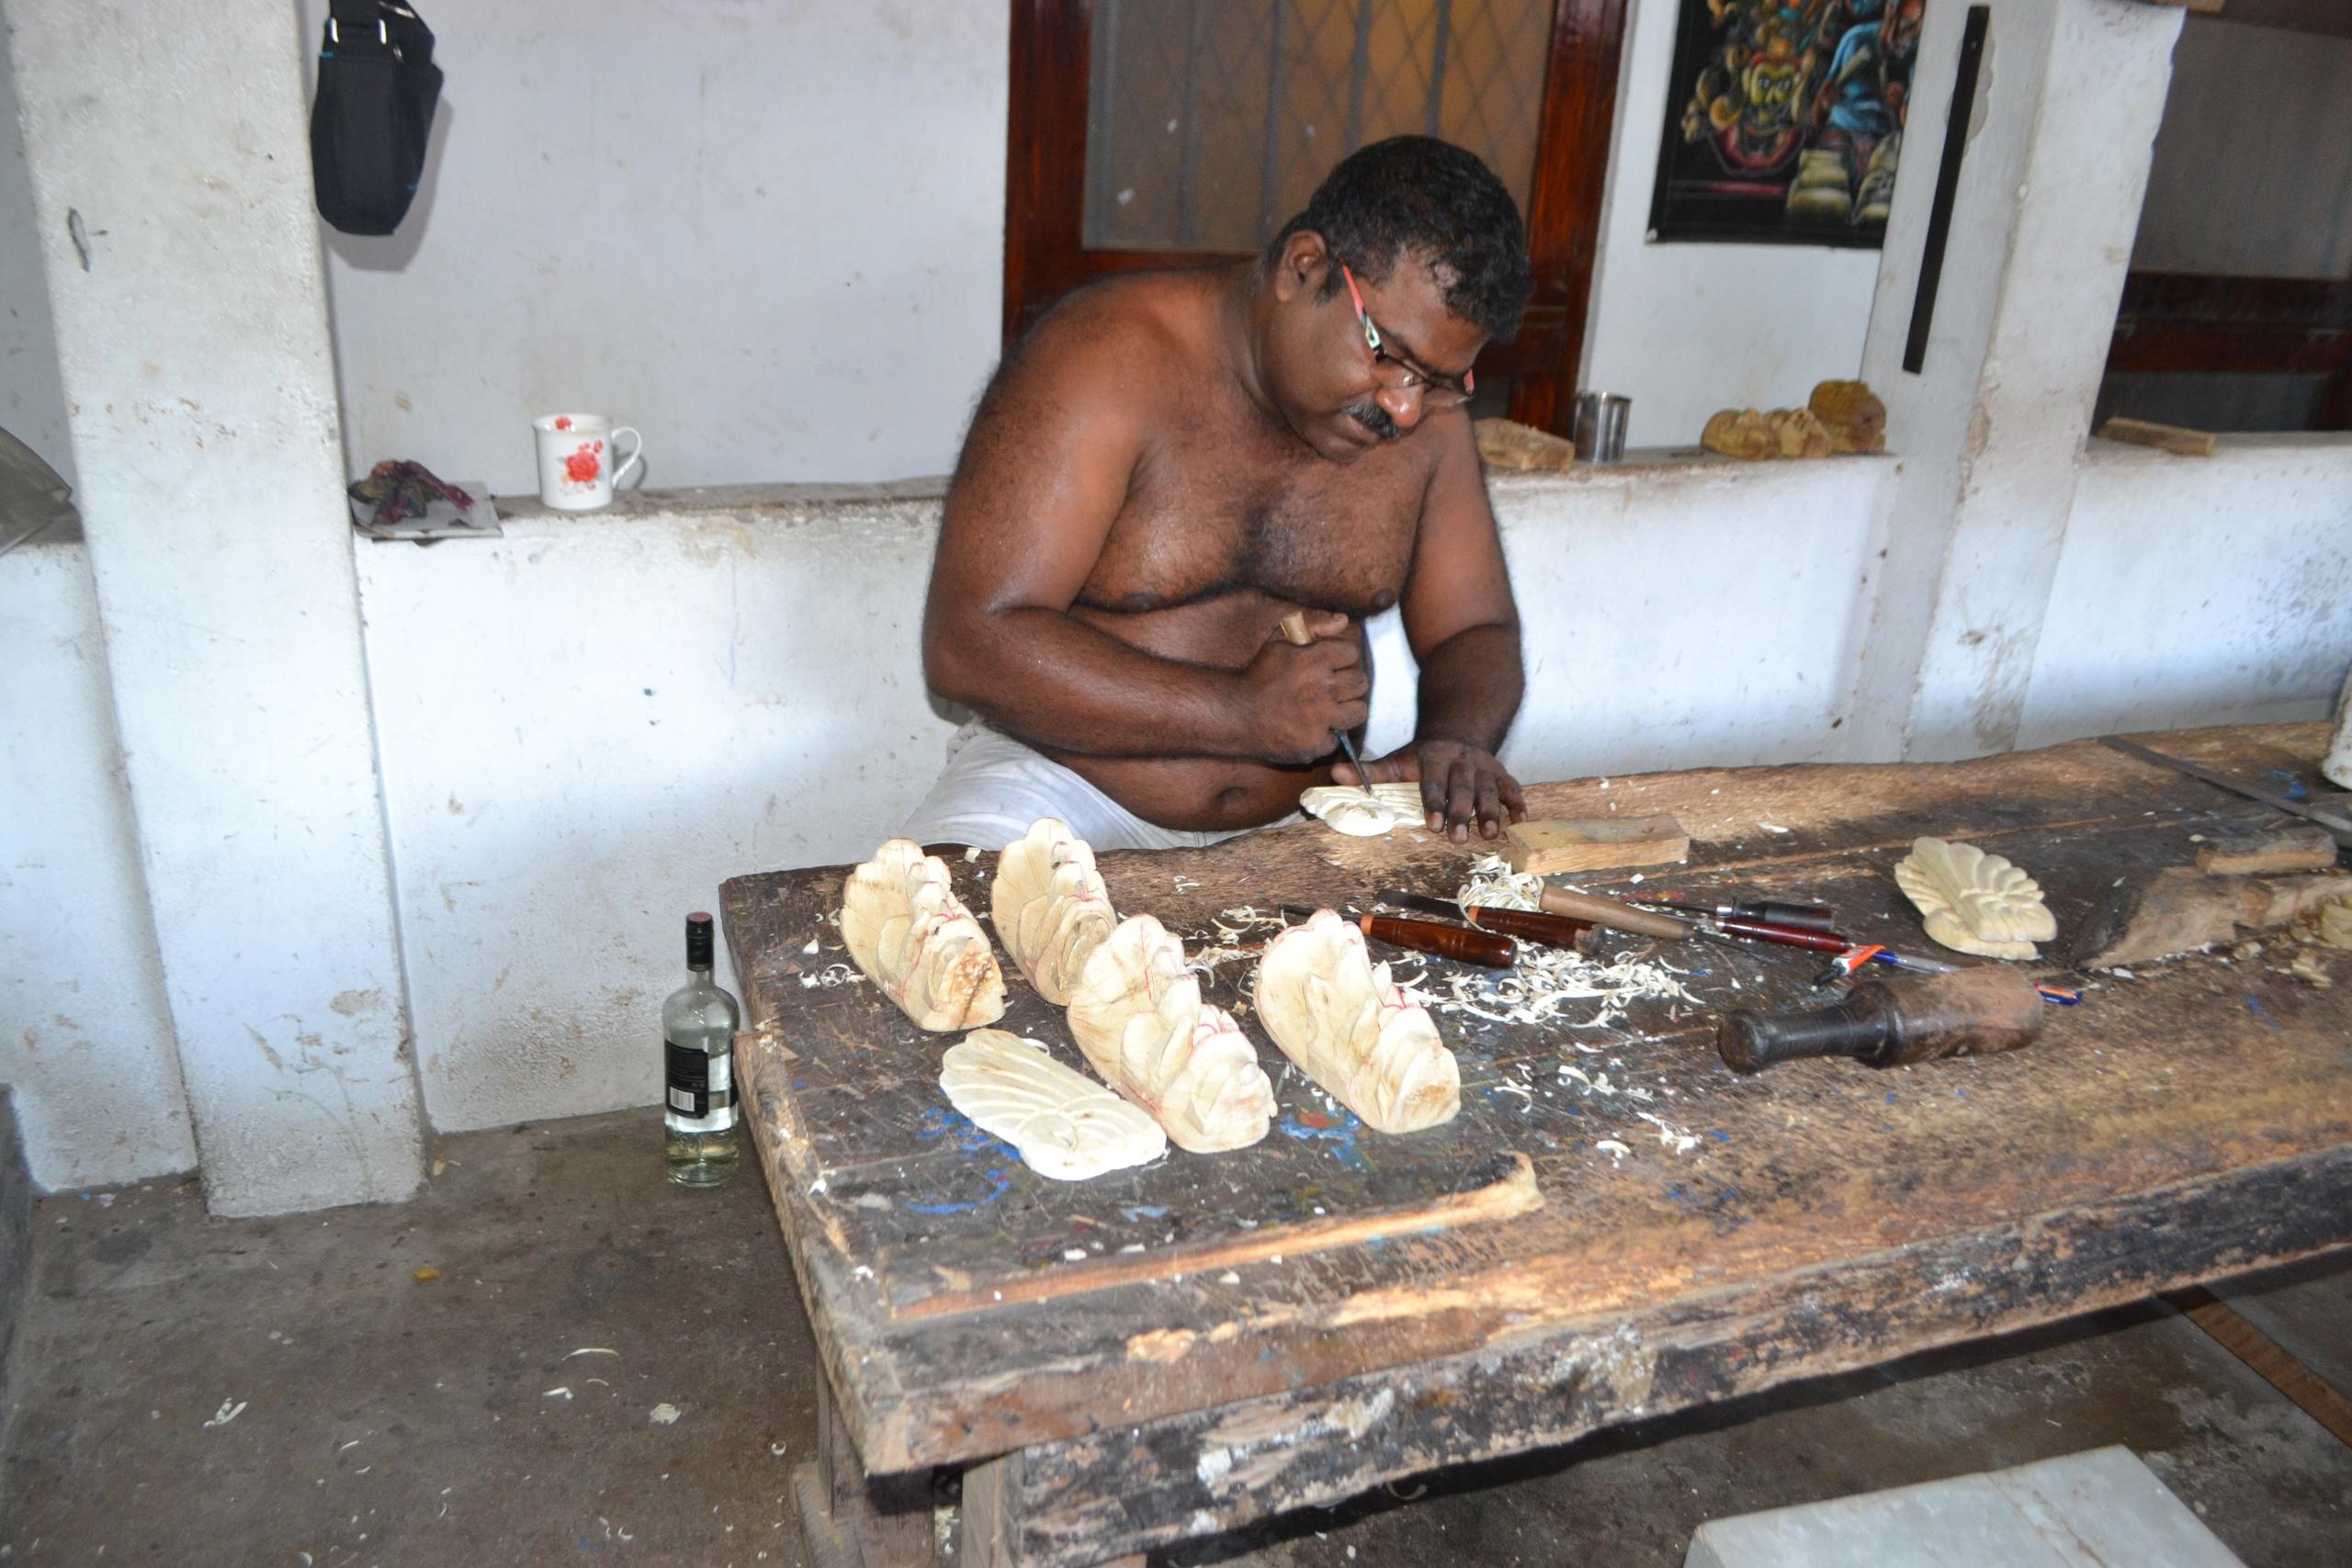 Шри Ланка (фото) - Страница 3 UAAsPzFo7Jc